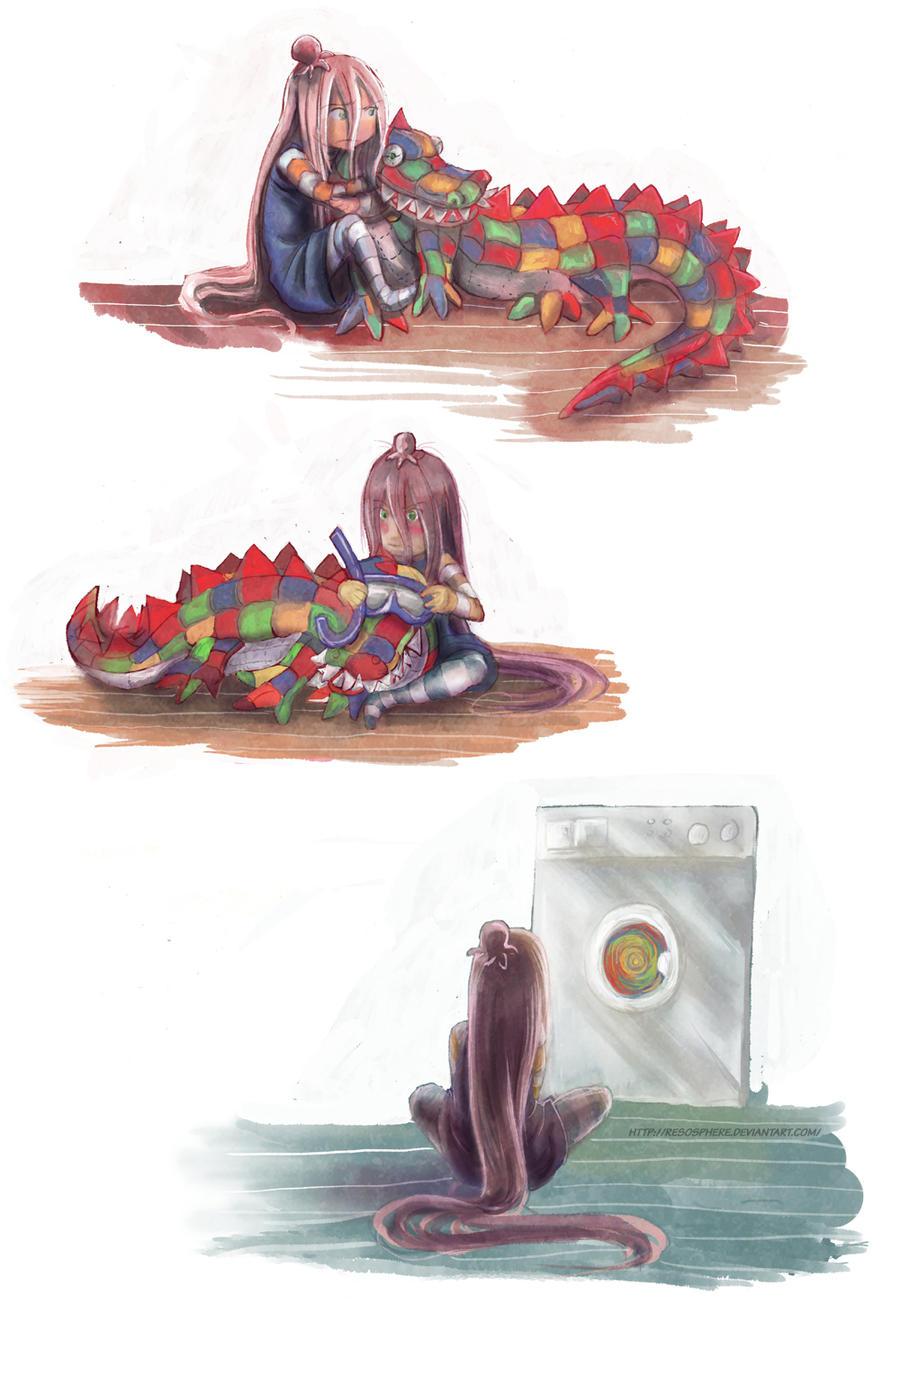 L'ardoise magique de Plumy - Page 9 Be_brave_mr_crocrodile_by_resosphere-d3byva6